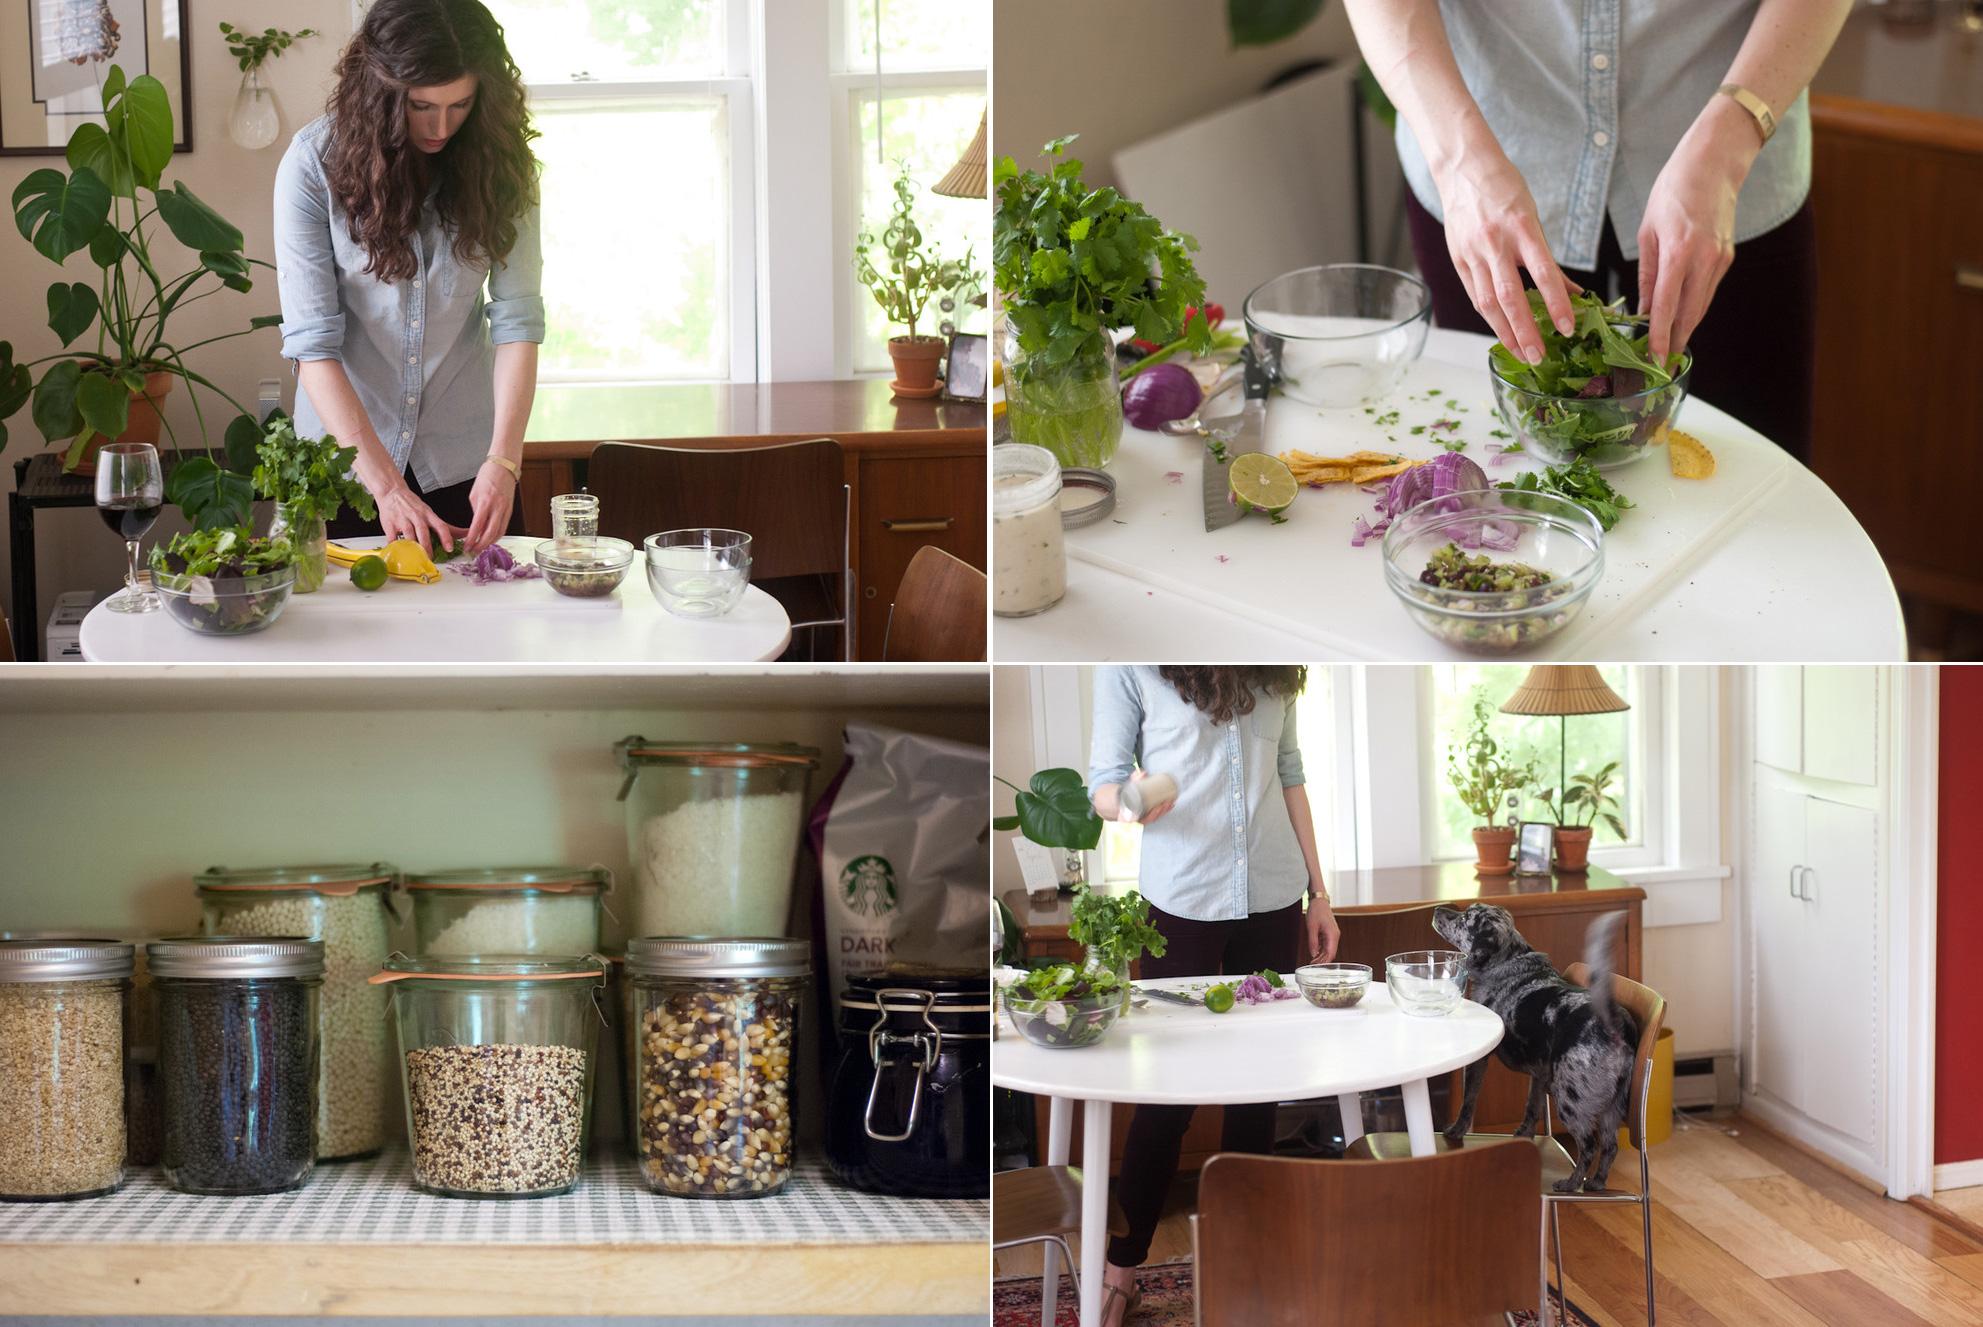 Оригинальные идеи для маленькой кухни от домохозяйки Кейт